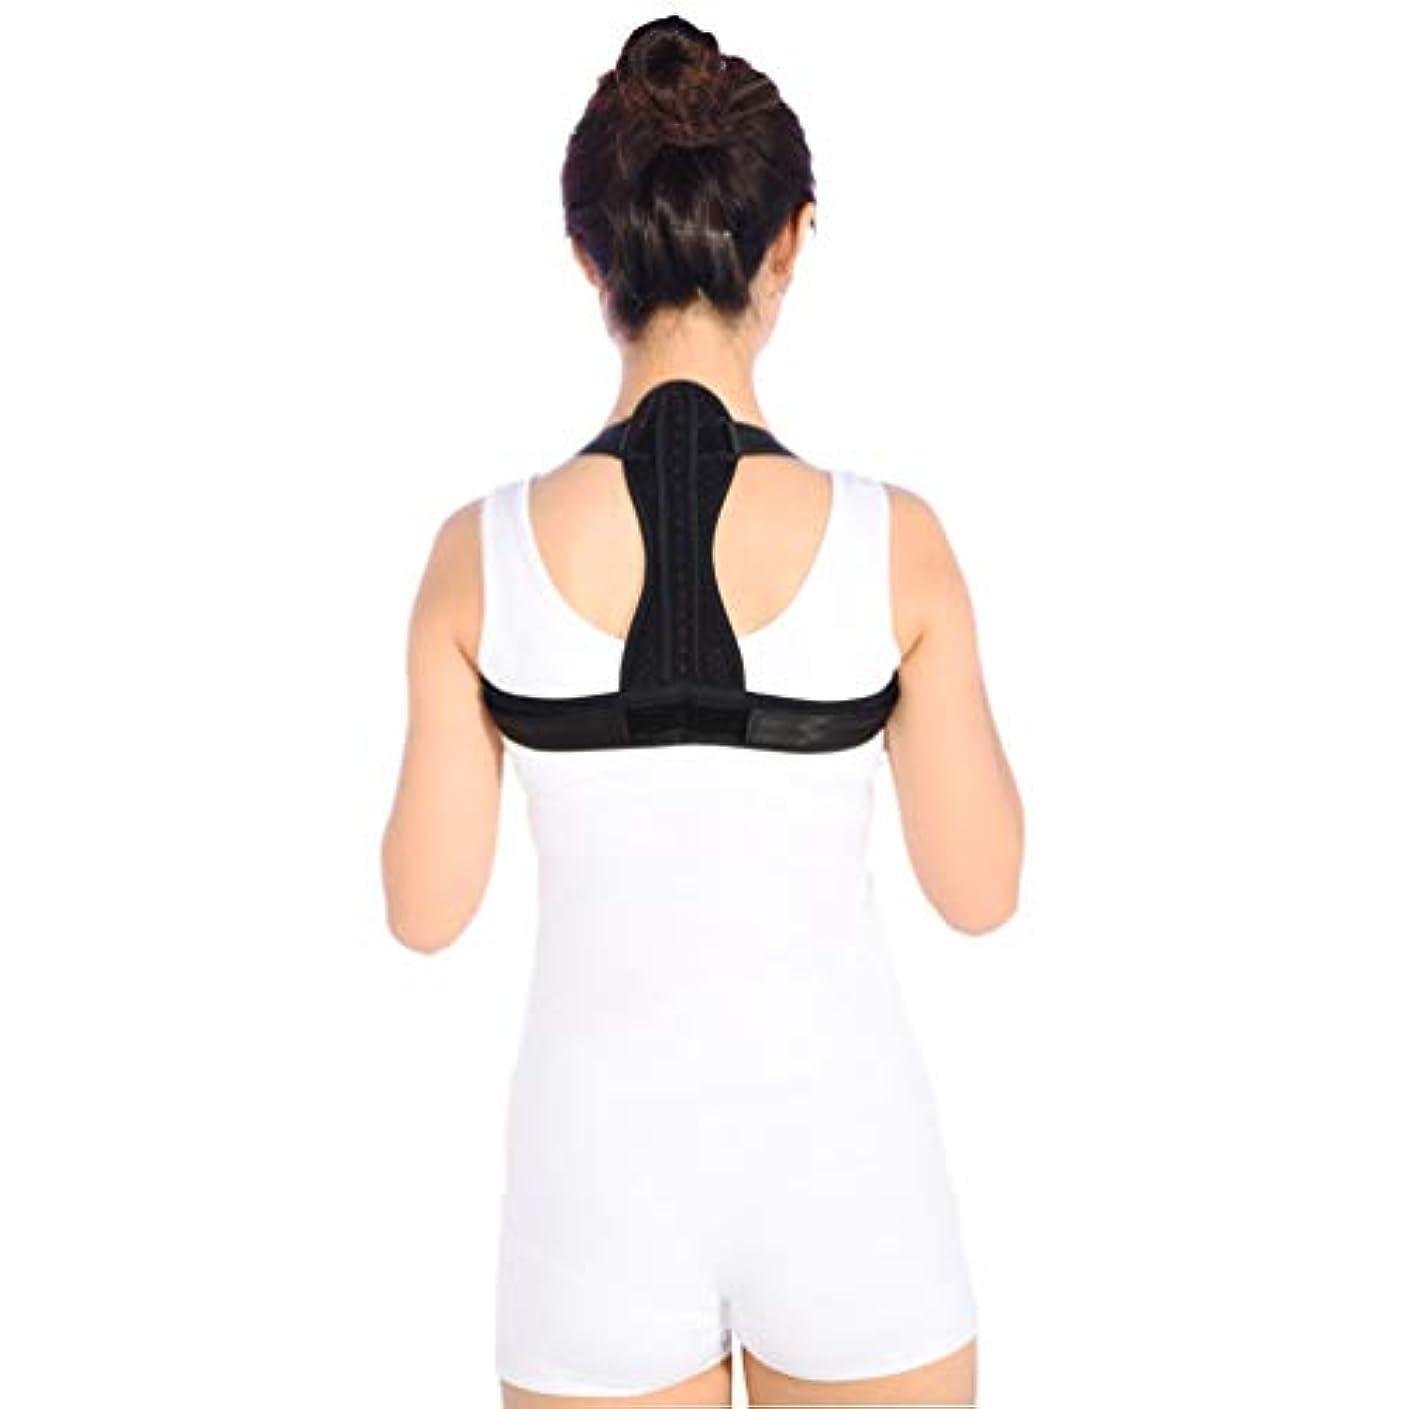 最終的に変換バースト通気性の脊柱側弯症ザトウクジラ補正ベルト調節可能な快適さ目に見えないベルト男性女性大人学生子供 - 黒